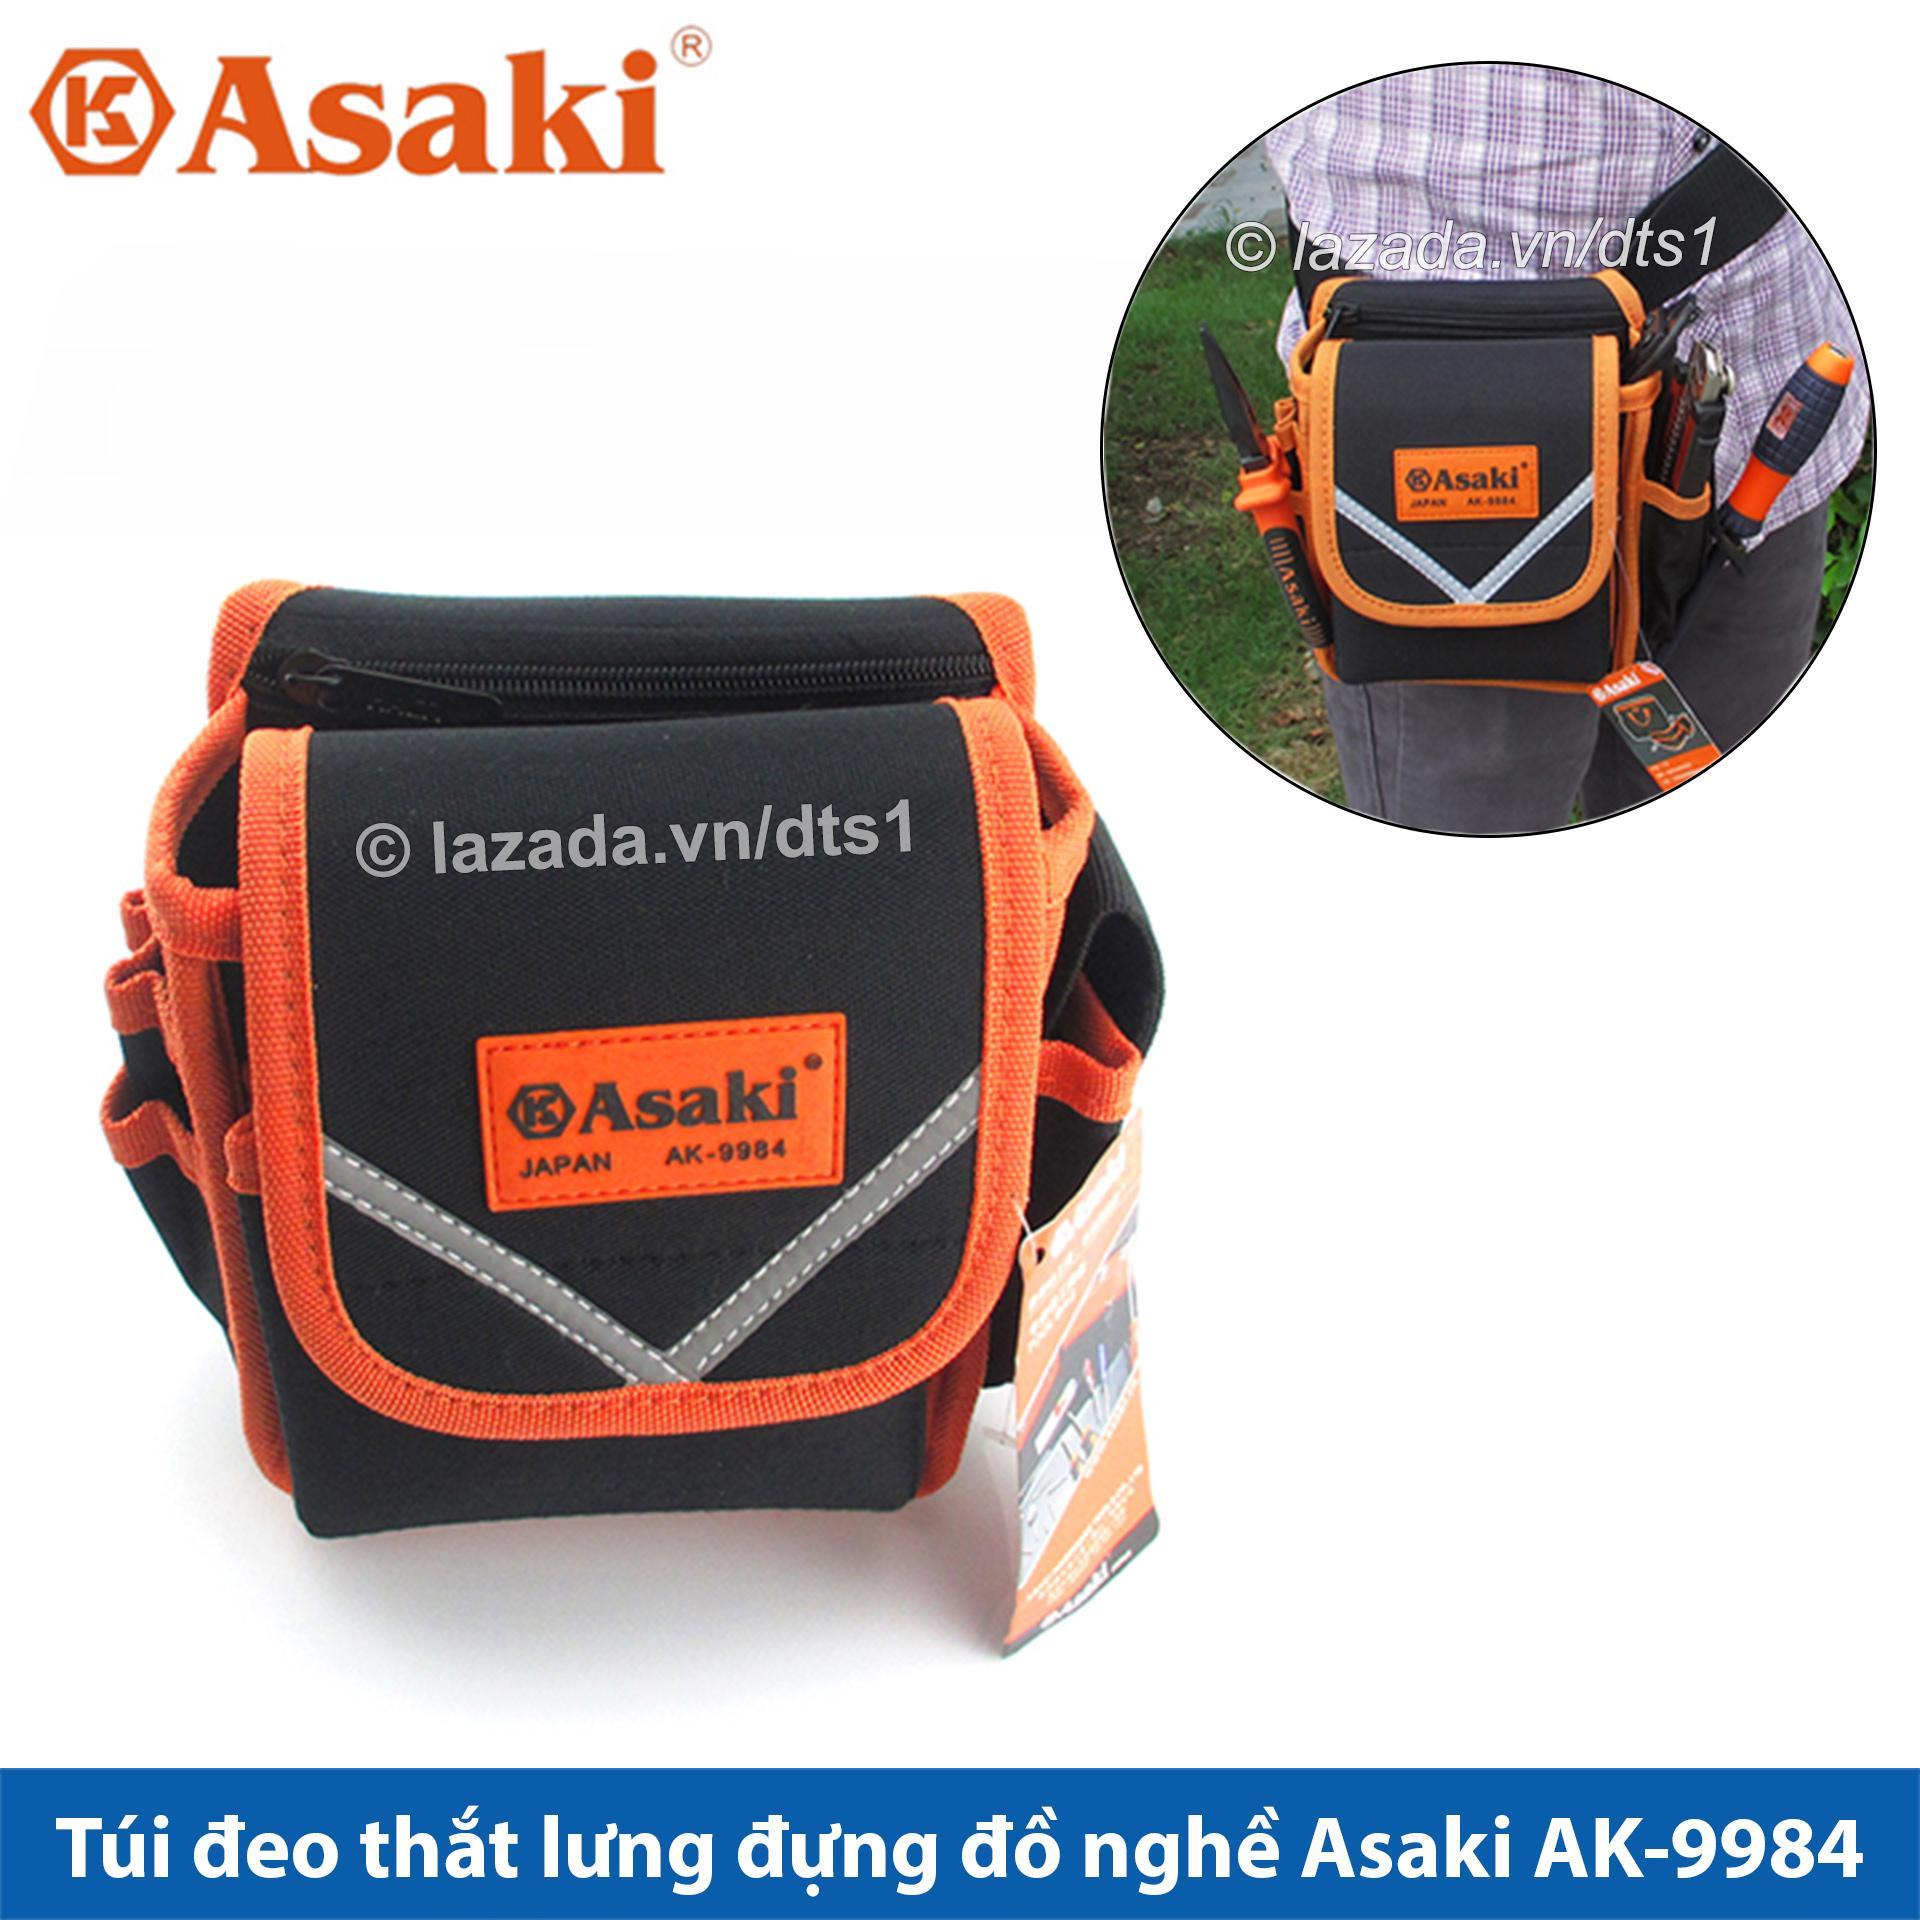 Túi đeo thắt lưng đựng đồ nghề sửa chữa cao cấp, chống thấm, chống đâm thủng, túi đồ nghề chuyên nghiệp Asaki AK-9984